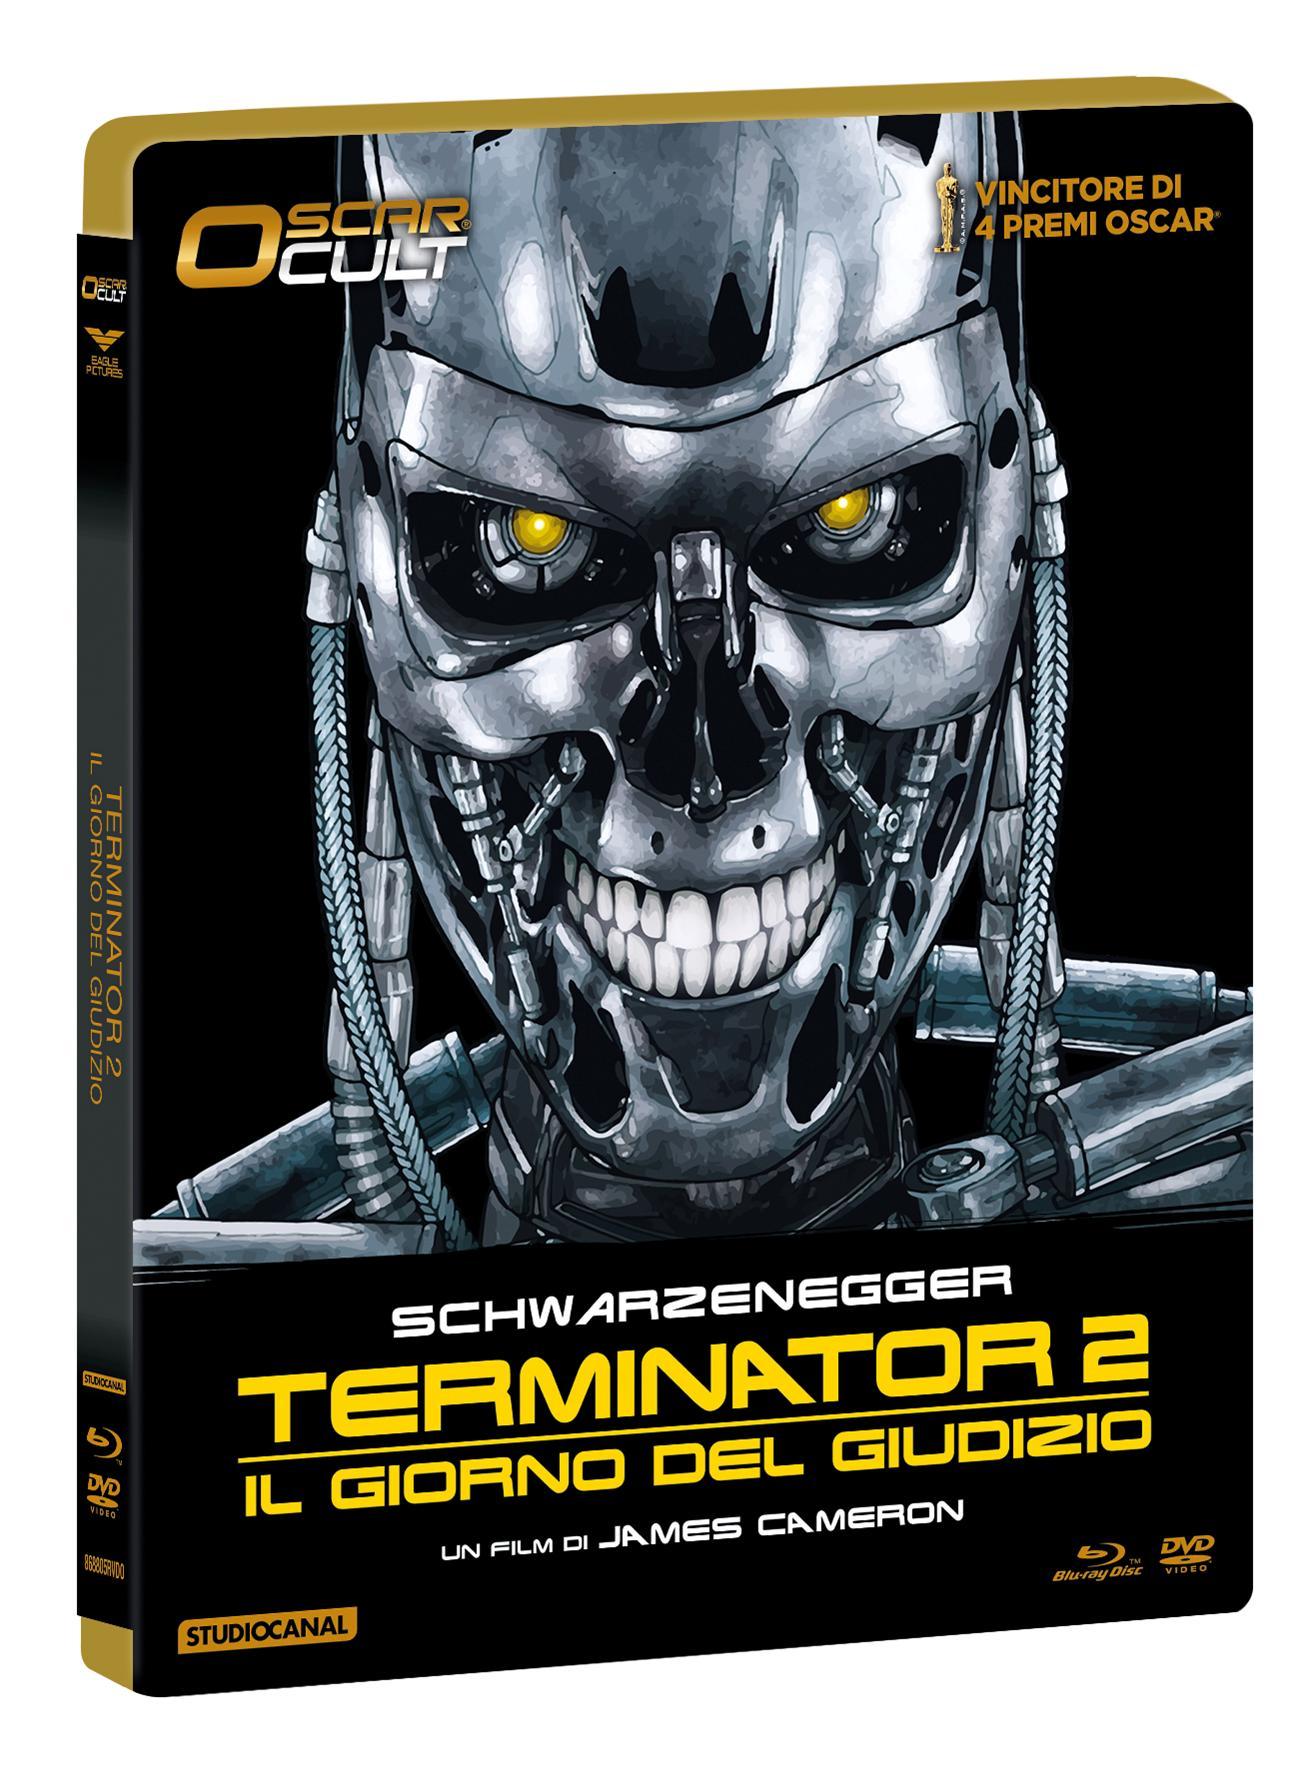 TERMINATOR 2 - IL GIORNO DEL GIUDIZIO (BLU-RAY+DVD)